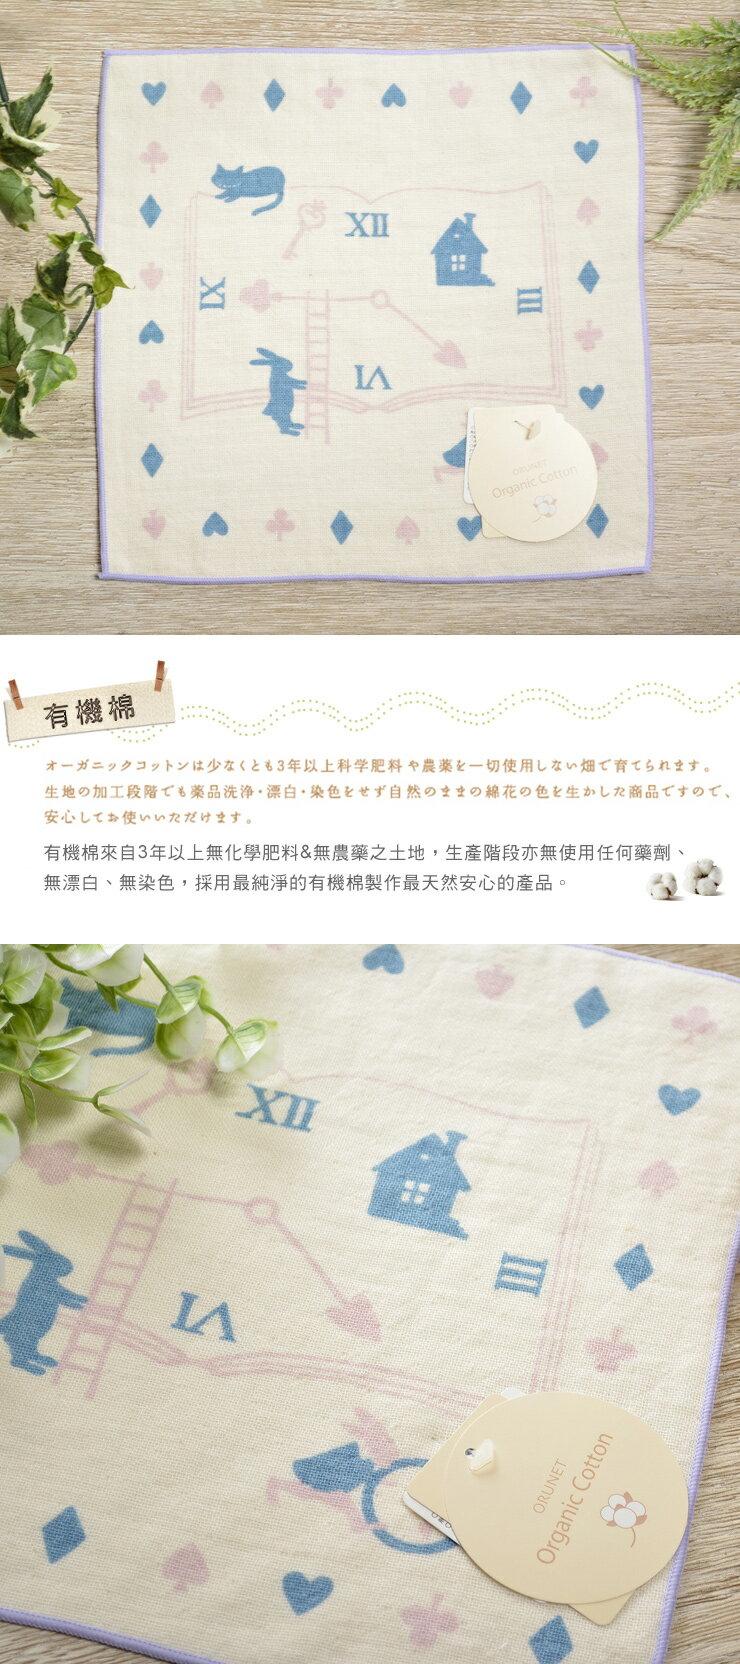 日本今治 - ORUNET - 時鐘印花手帕(藍)《日本設計製造》《全館免運費》,有機棉,有機棉來自3年以上無化學肥料&無農藥之土地,生產階段亦無使用任何藥劑、無漂白、無染色,採用最純淨的有機棉製作最天然安心的產品。